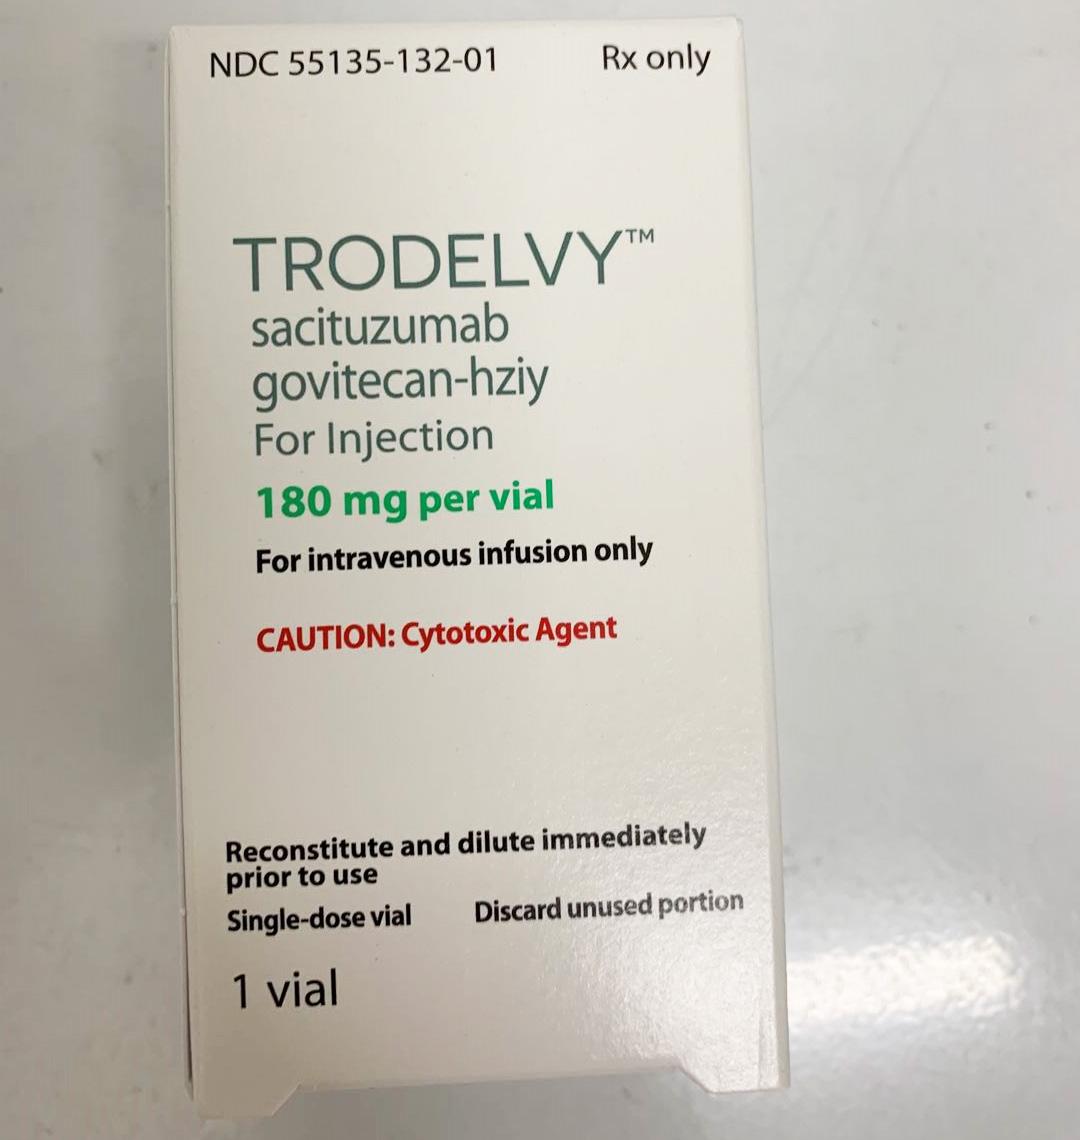 Trodelvy(sacituzumab govitecan-hziy)